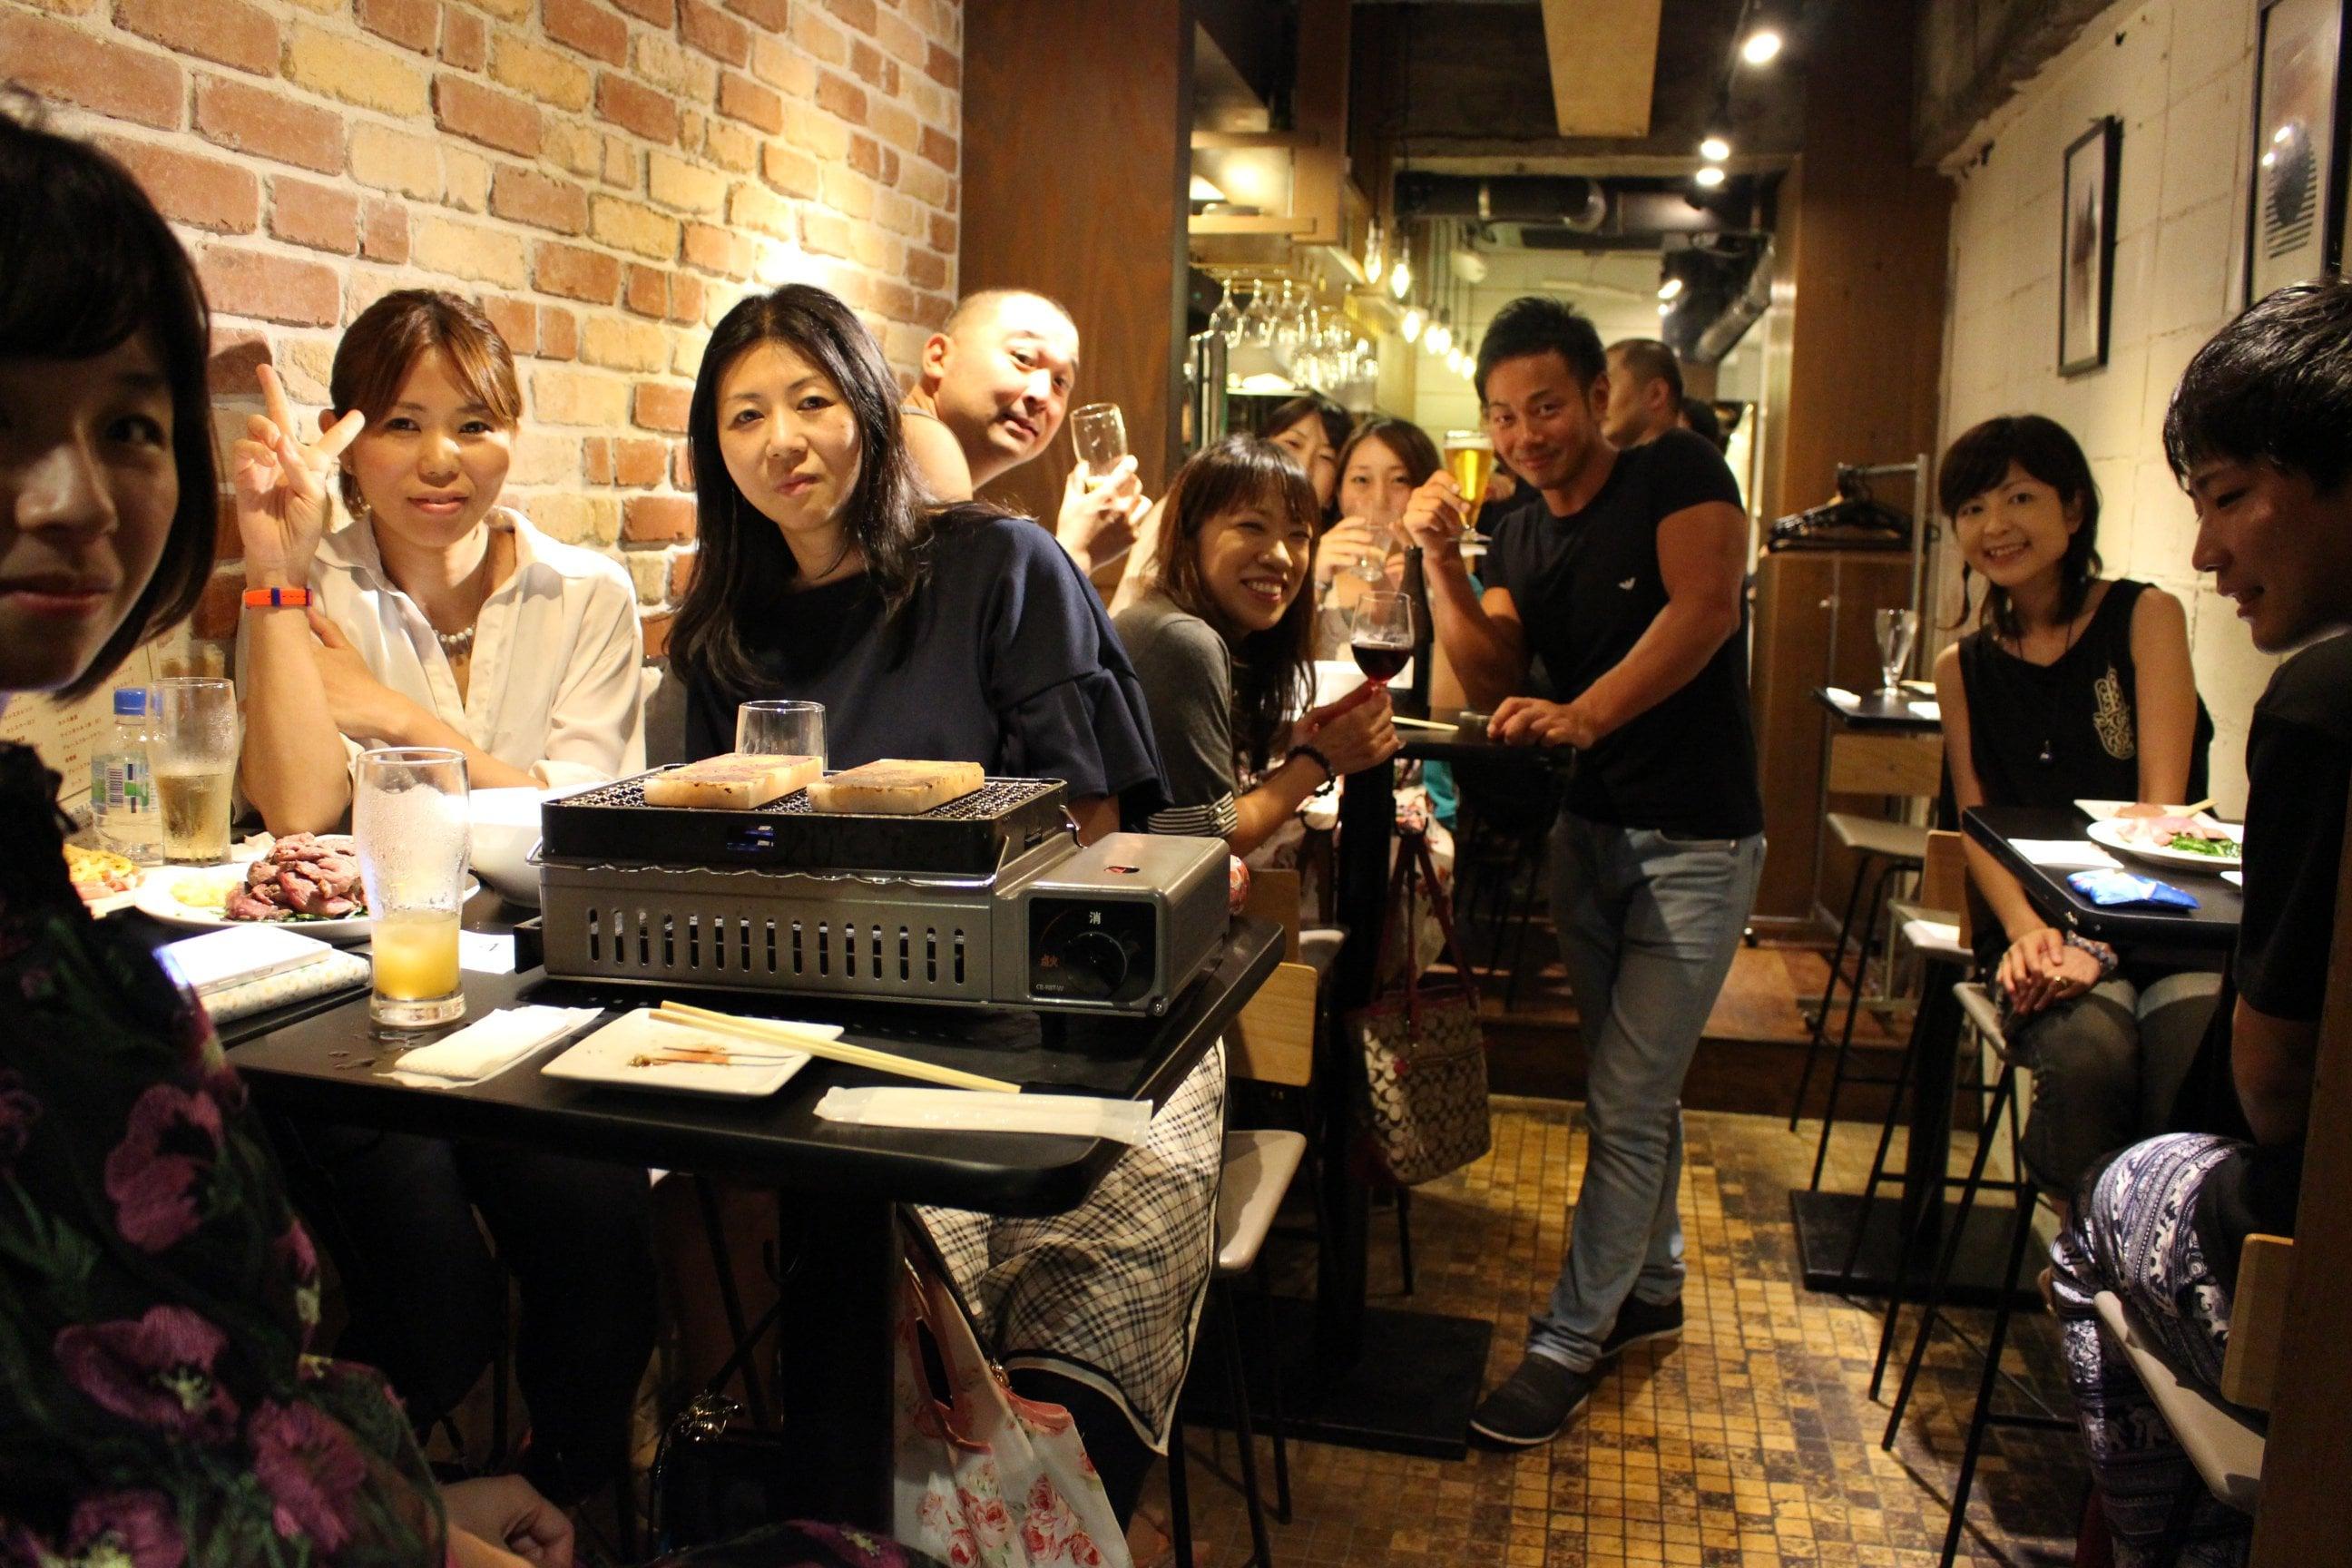 [FC会員様専用]限定20席!ドラゴンゲートディナーイベント・土井吉 in 肉のヒマラヤTEPPAN 赤坂(第二部19時30分スタート)のイメージその2